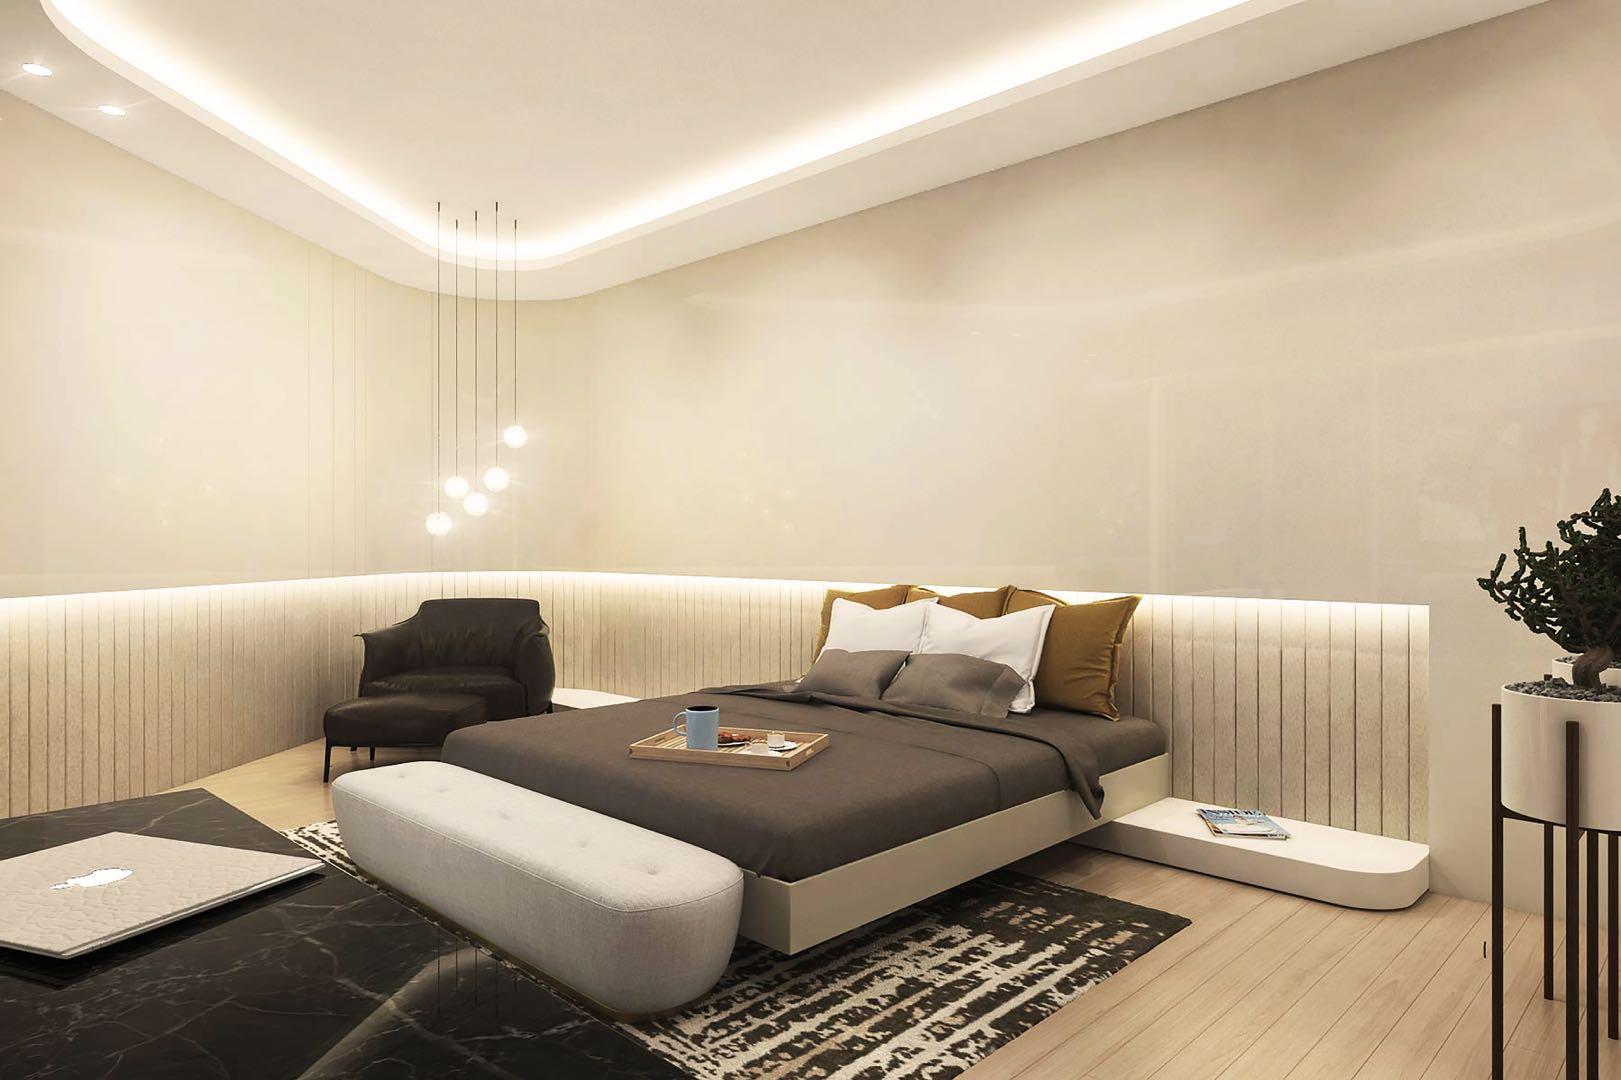 view 3 bedroom_00000